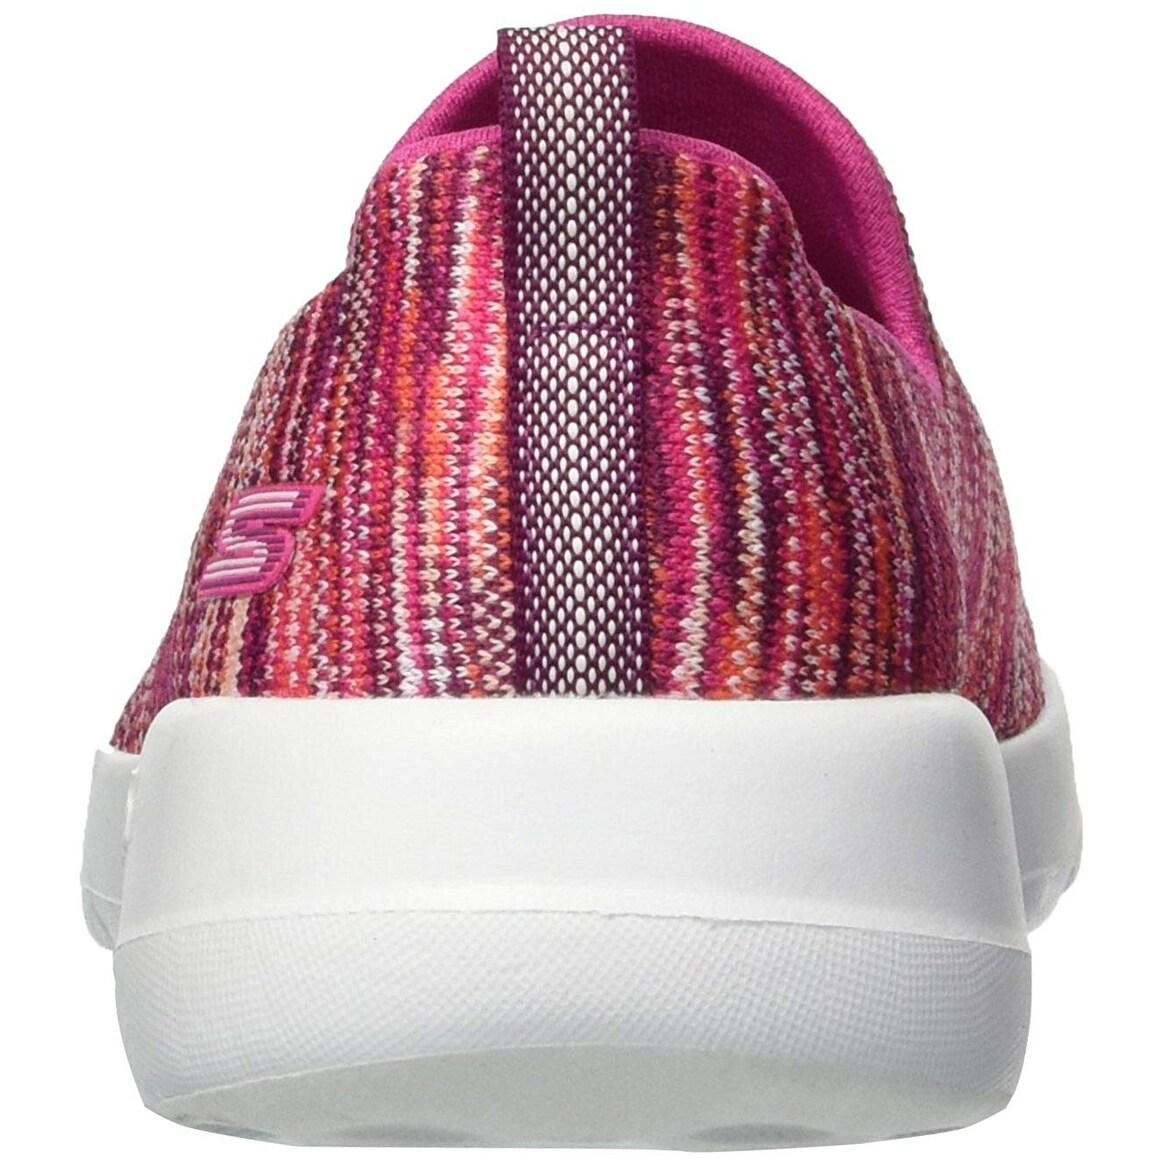 Skechers Women's Go Walk Joy 15615 Sneaker